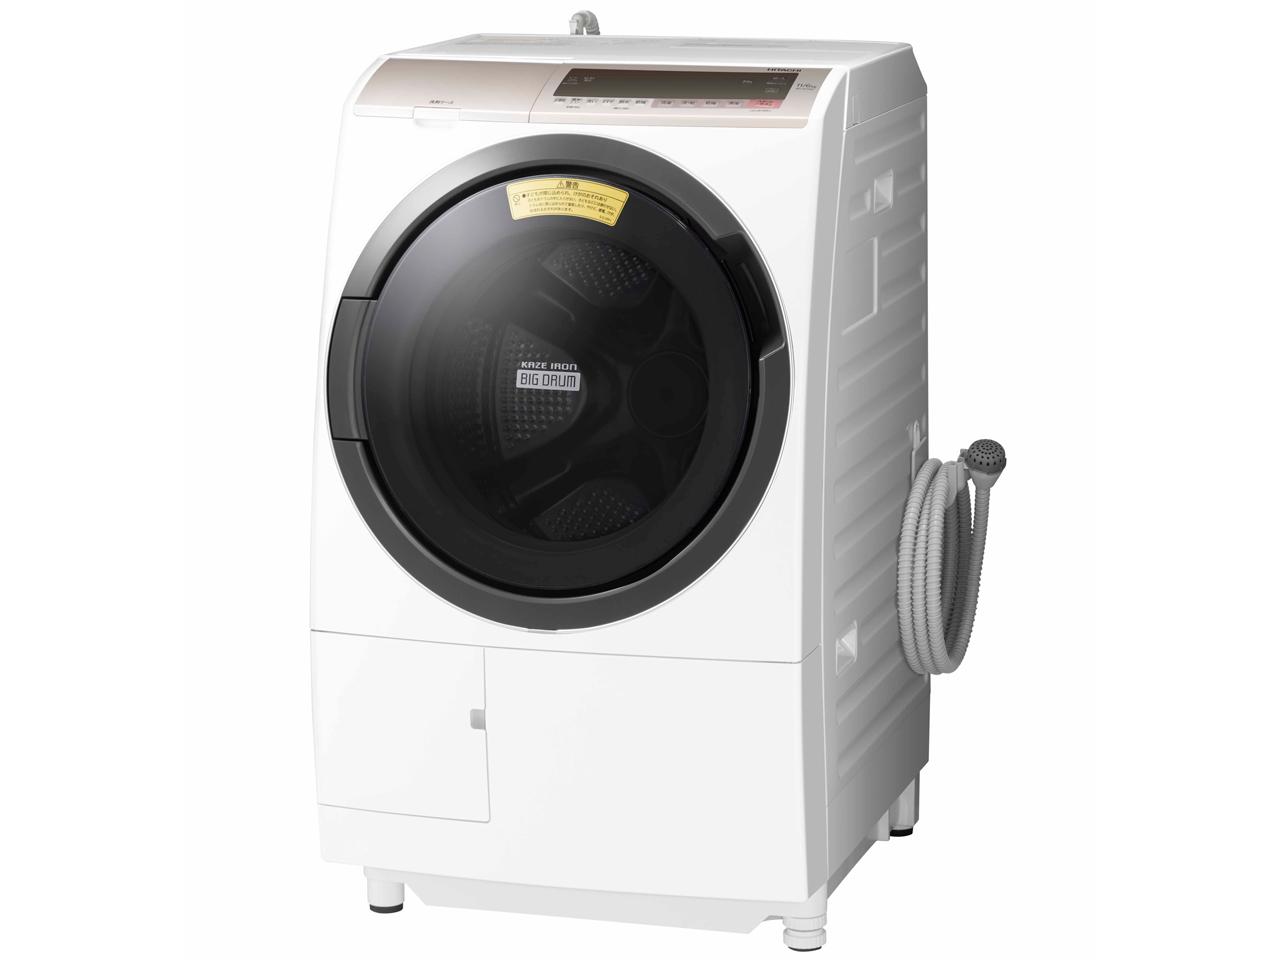 日立 11.0kg ドラム式洗濯乾燥機 BD-SV110CR-N【右開き】